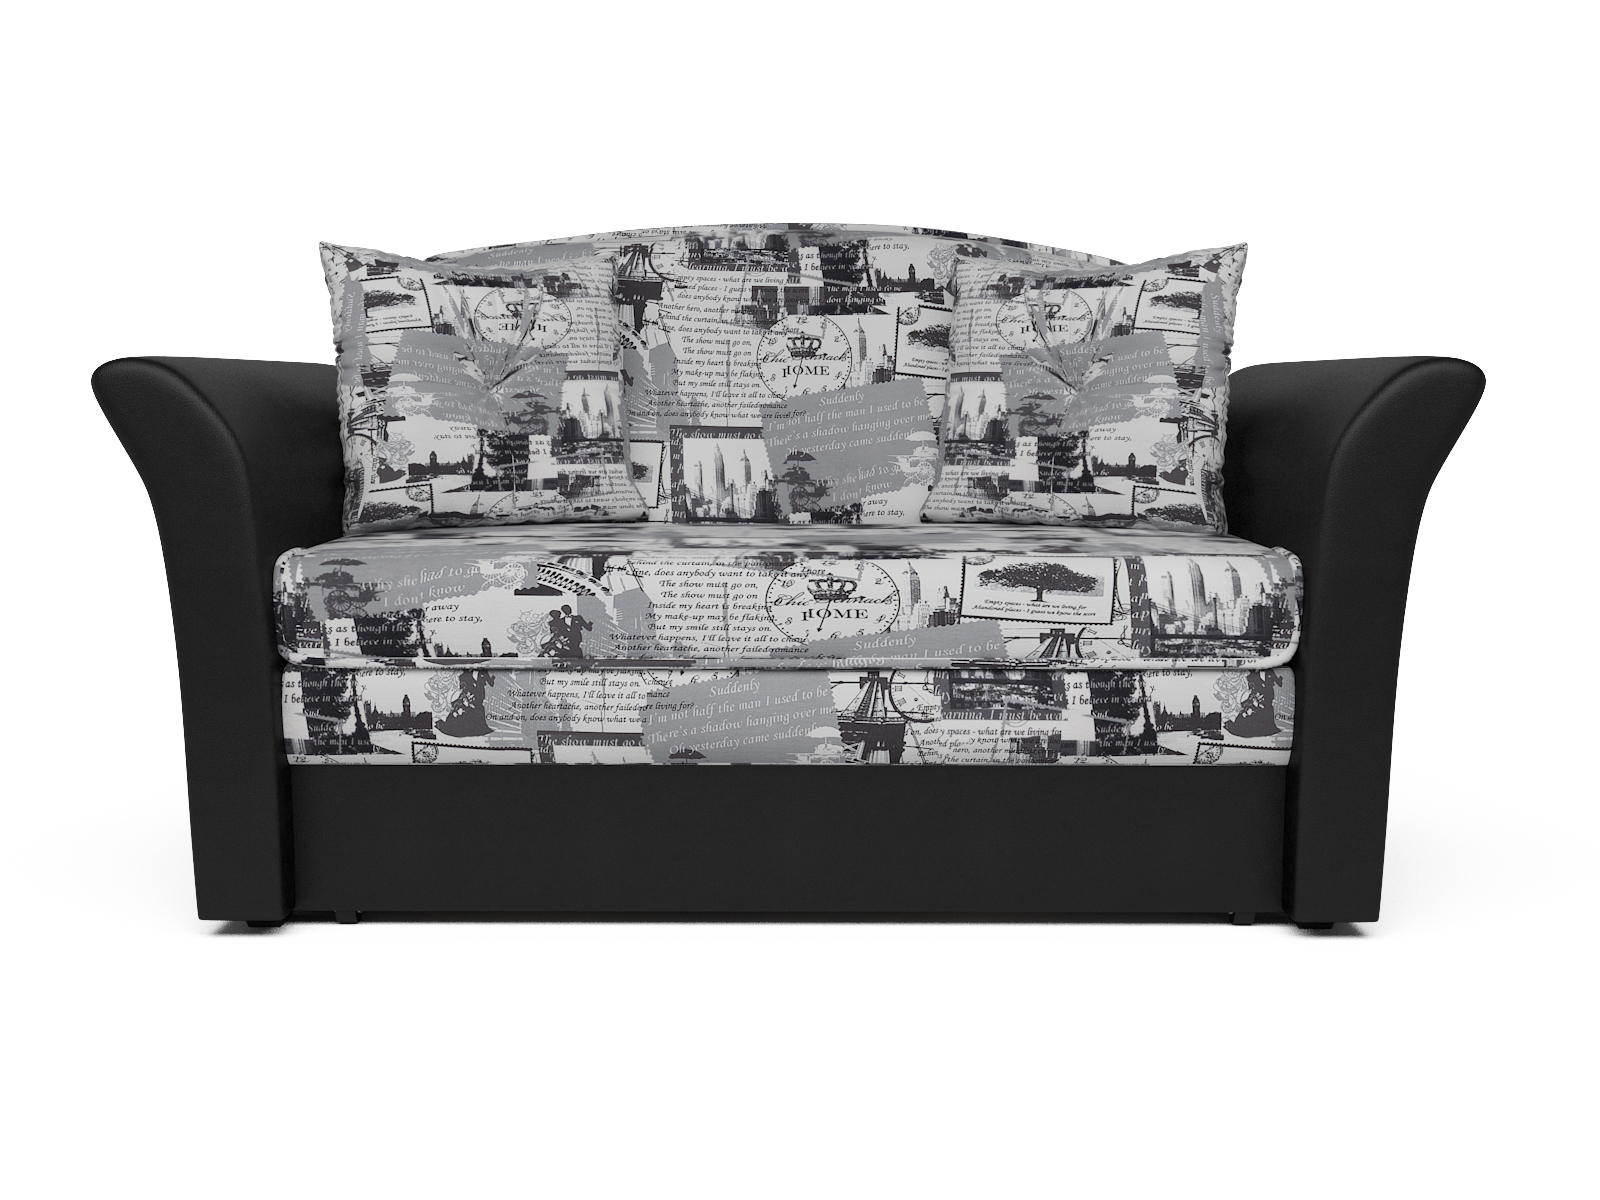 Фото - Диван Малютка 2 MebelVia , Черный, Жаккард, Брус сосны диван малютка кармен mebelvia черный серый жаккард экокожа брус со